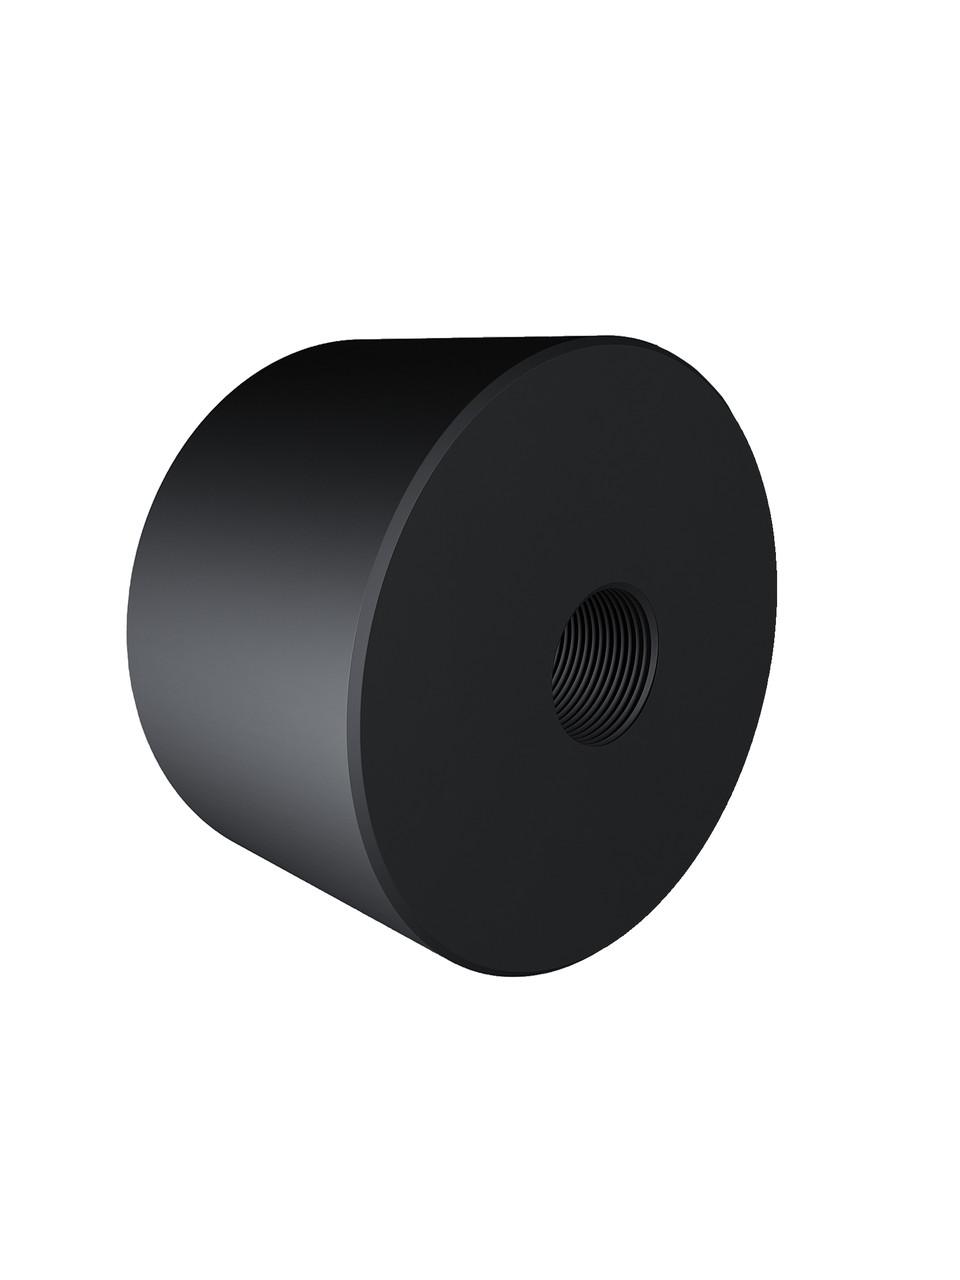 ODF-06-25-21-L25 Дистанція 25 мм для коннектора діаметром 40 мм з різьбою М8, чорна